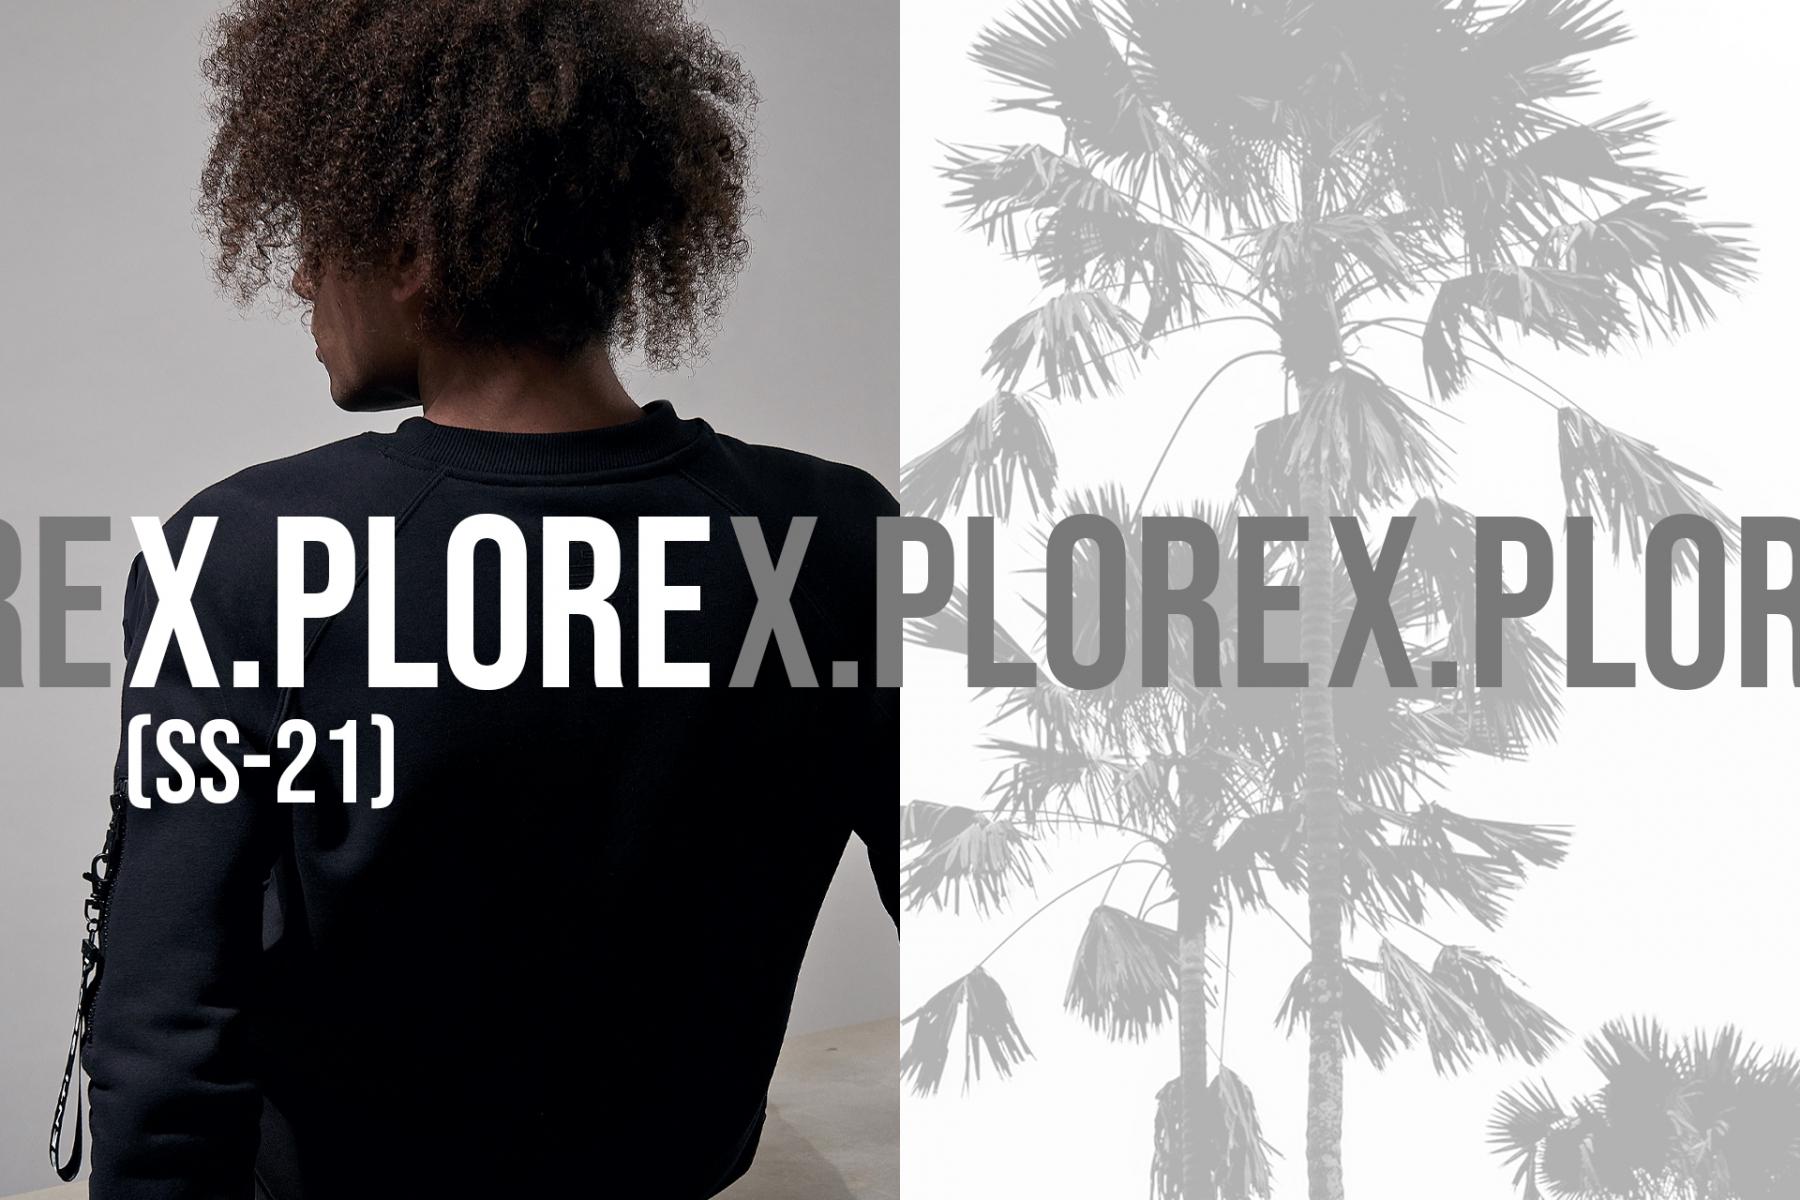 X.PLORE